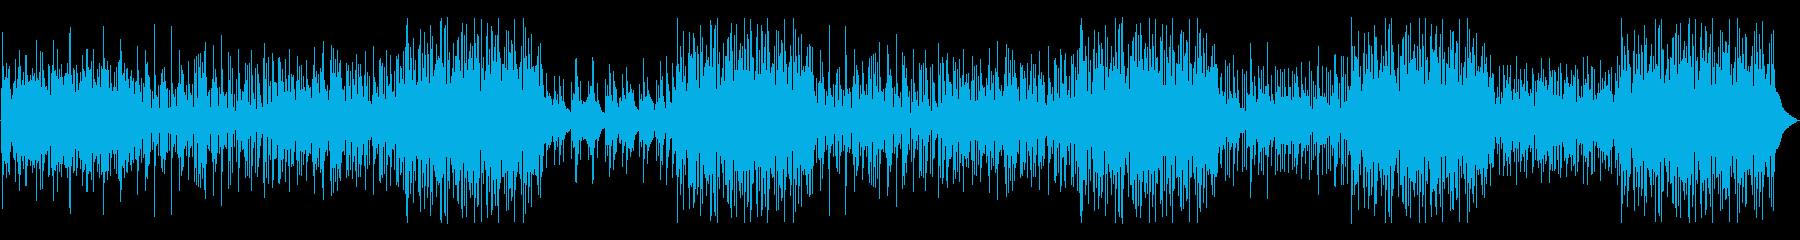 伝統的な要素と現代的な要素がミック...の再生済みの波形